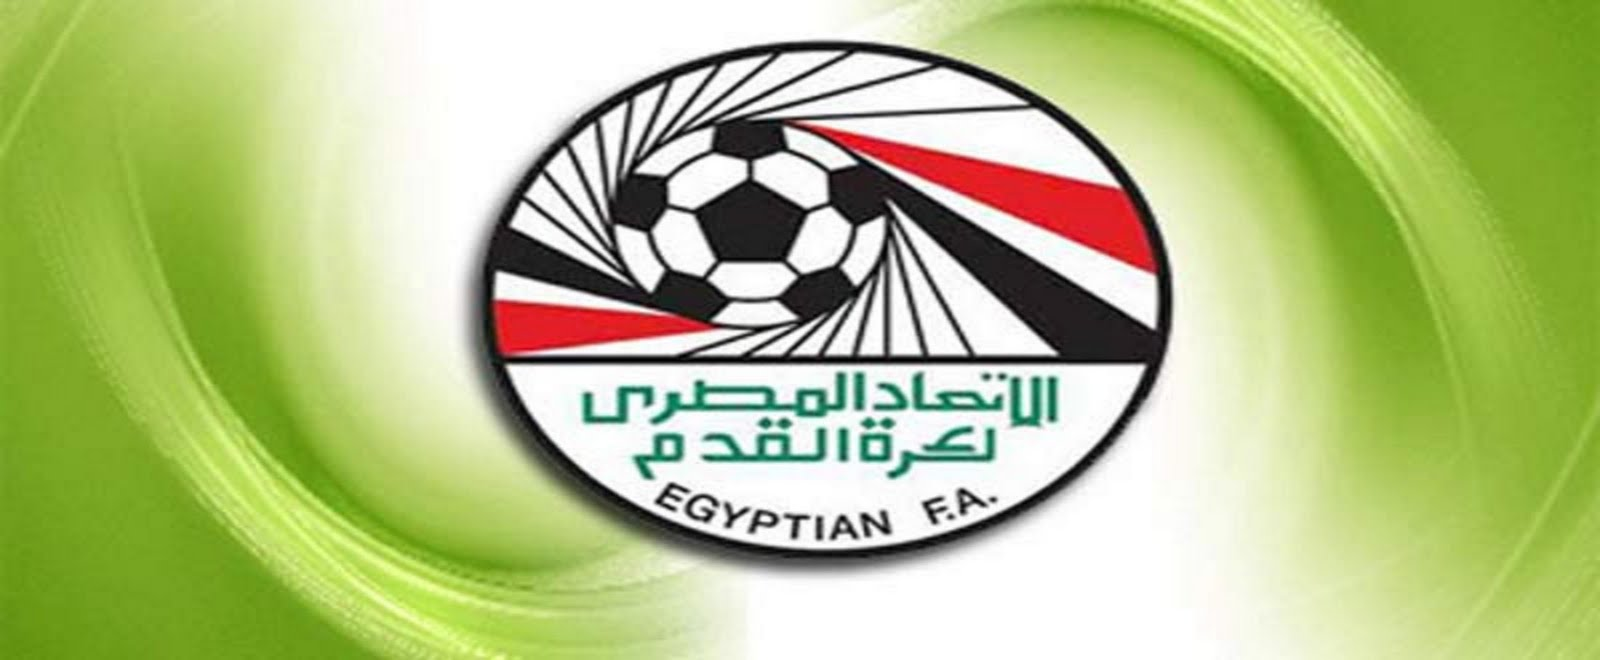 الدوري المصري يصل إلى الجولة